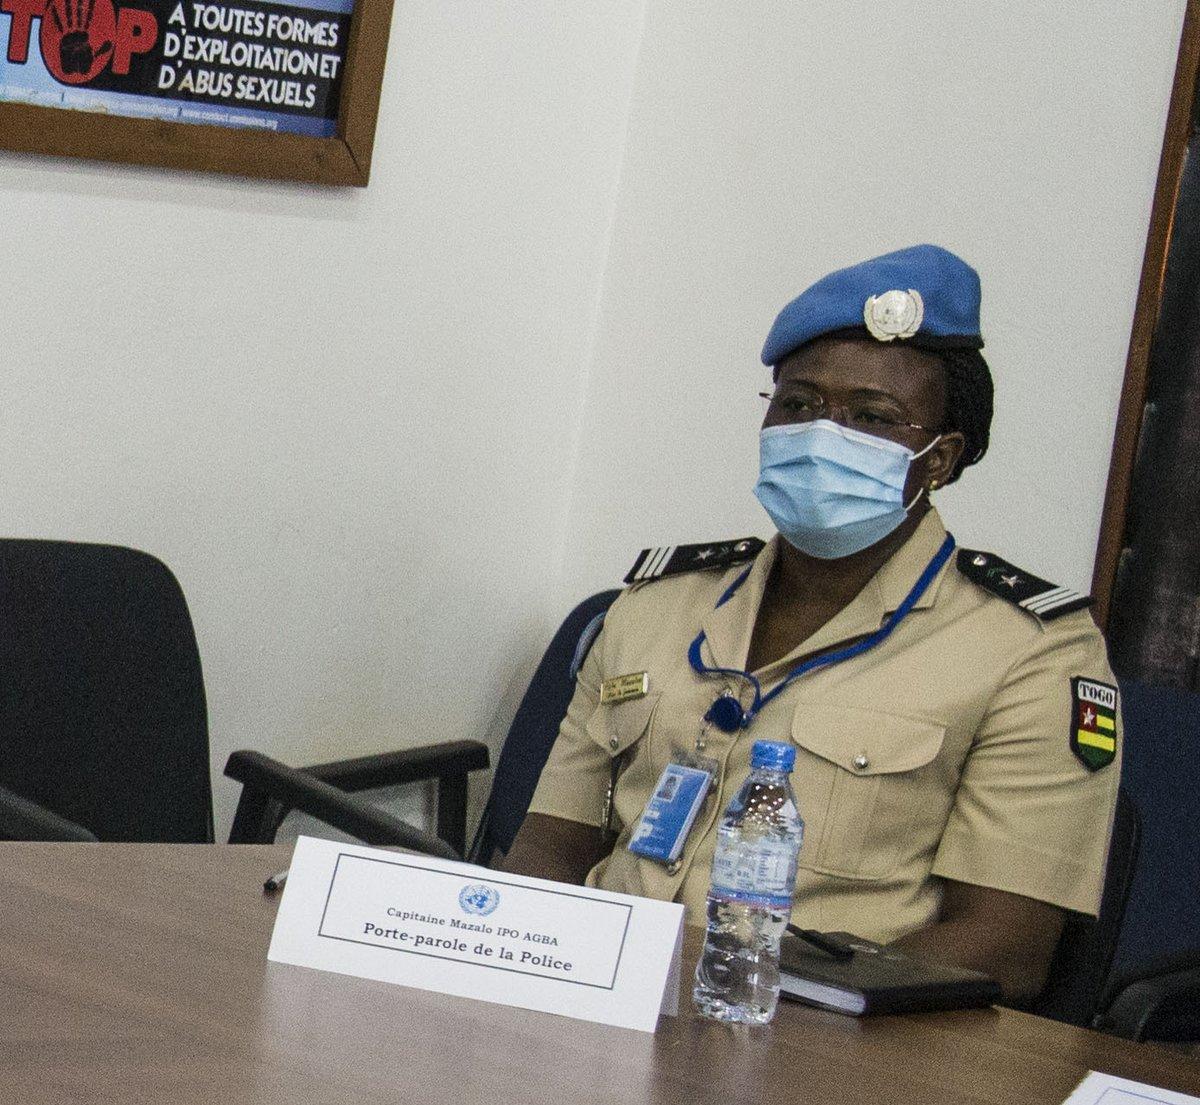 Des activités de formation de la police et la gendarmerie centrafricaines vont être menées à Bangui & les préfectures dans le cadre de la sécurisation des élections - porte-parole #UNPOL #MINUSCA, Cap. Mazalo Agba. Le 1er atelier a eu du 9 au 11/9 avec l'appui de la Mission #A4P https://t.co/PFNIZrsPDa